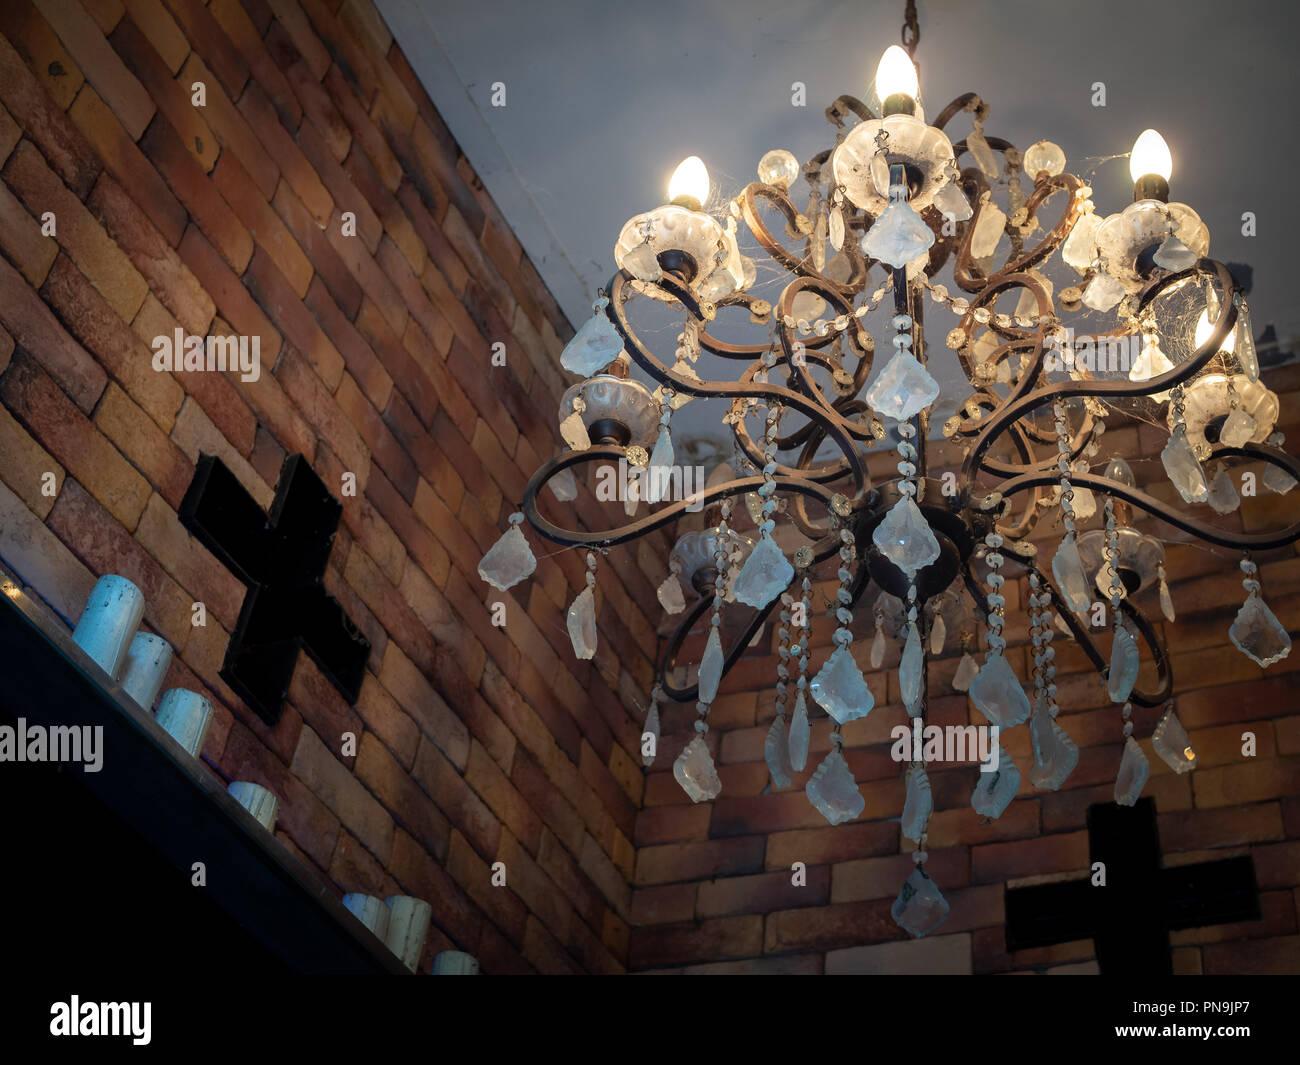 Kristall Kronleuchter Mit Schirm ~ Alte vintage kristall kronleuchter lampe mit spinnennetz an der